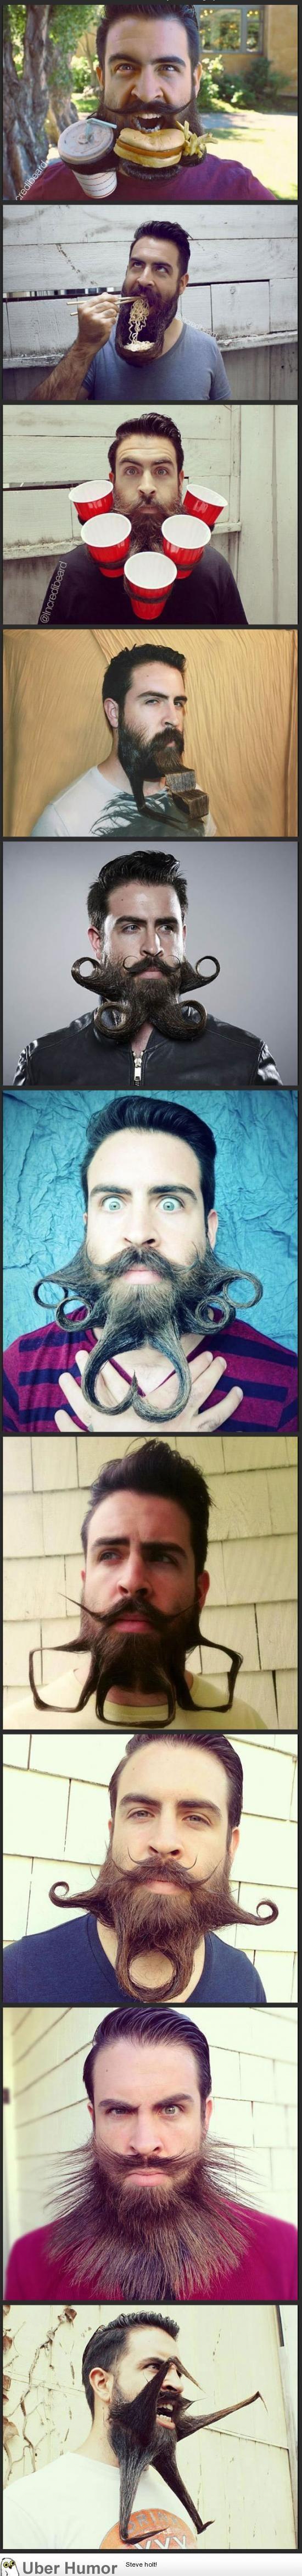 Love the predator beard